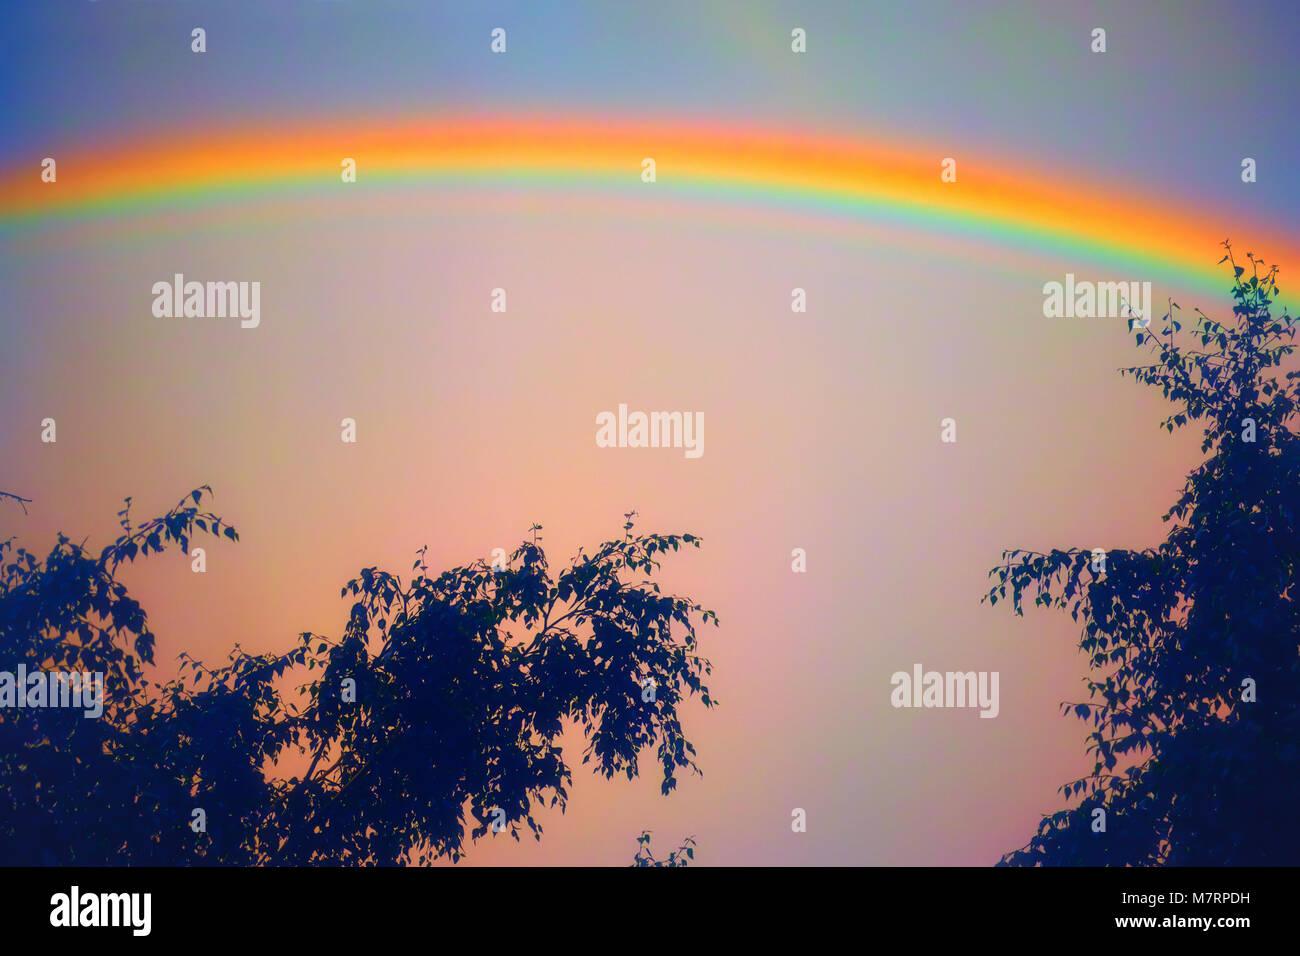 Regenbogen über blauen Himmel. Natürliches Phänomen. Stockfoto